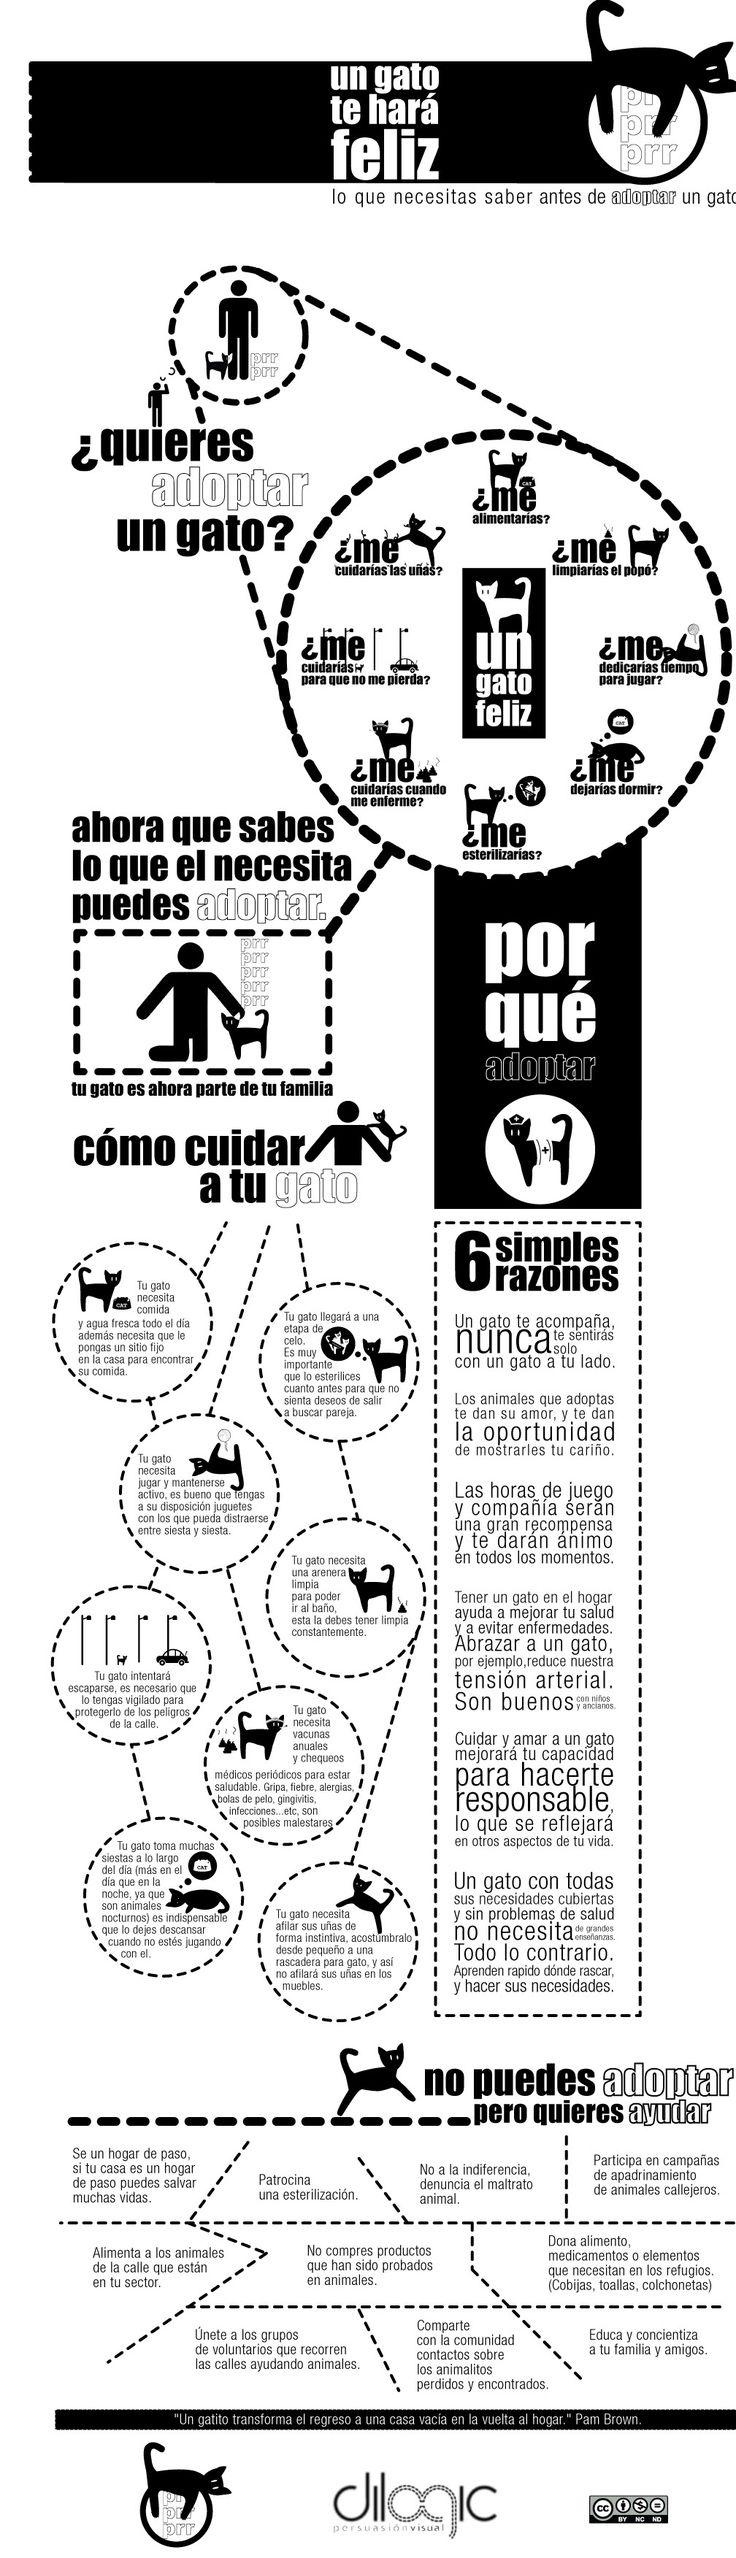 Adopción responsable de gatos #infografia #infographic